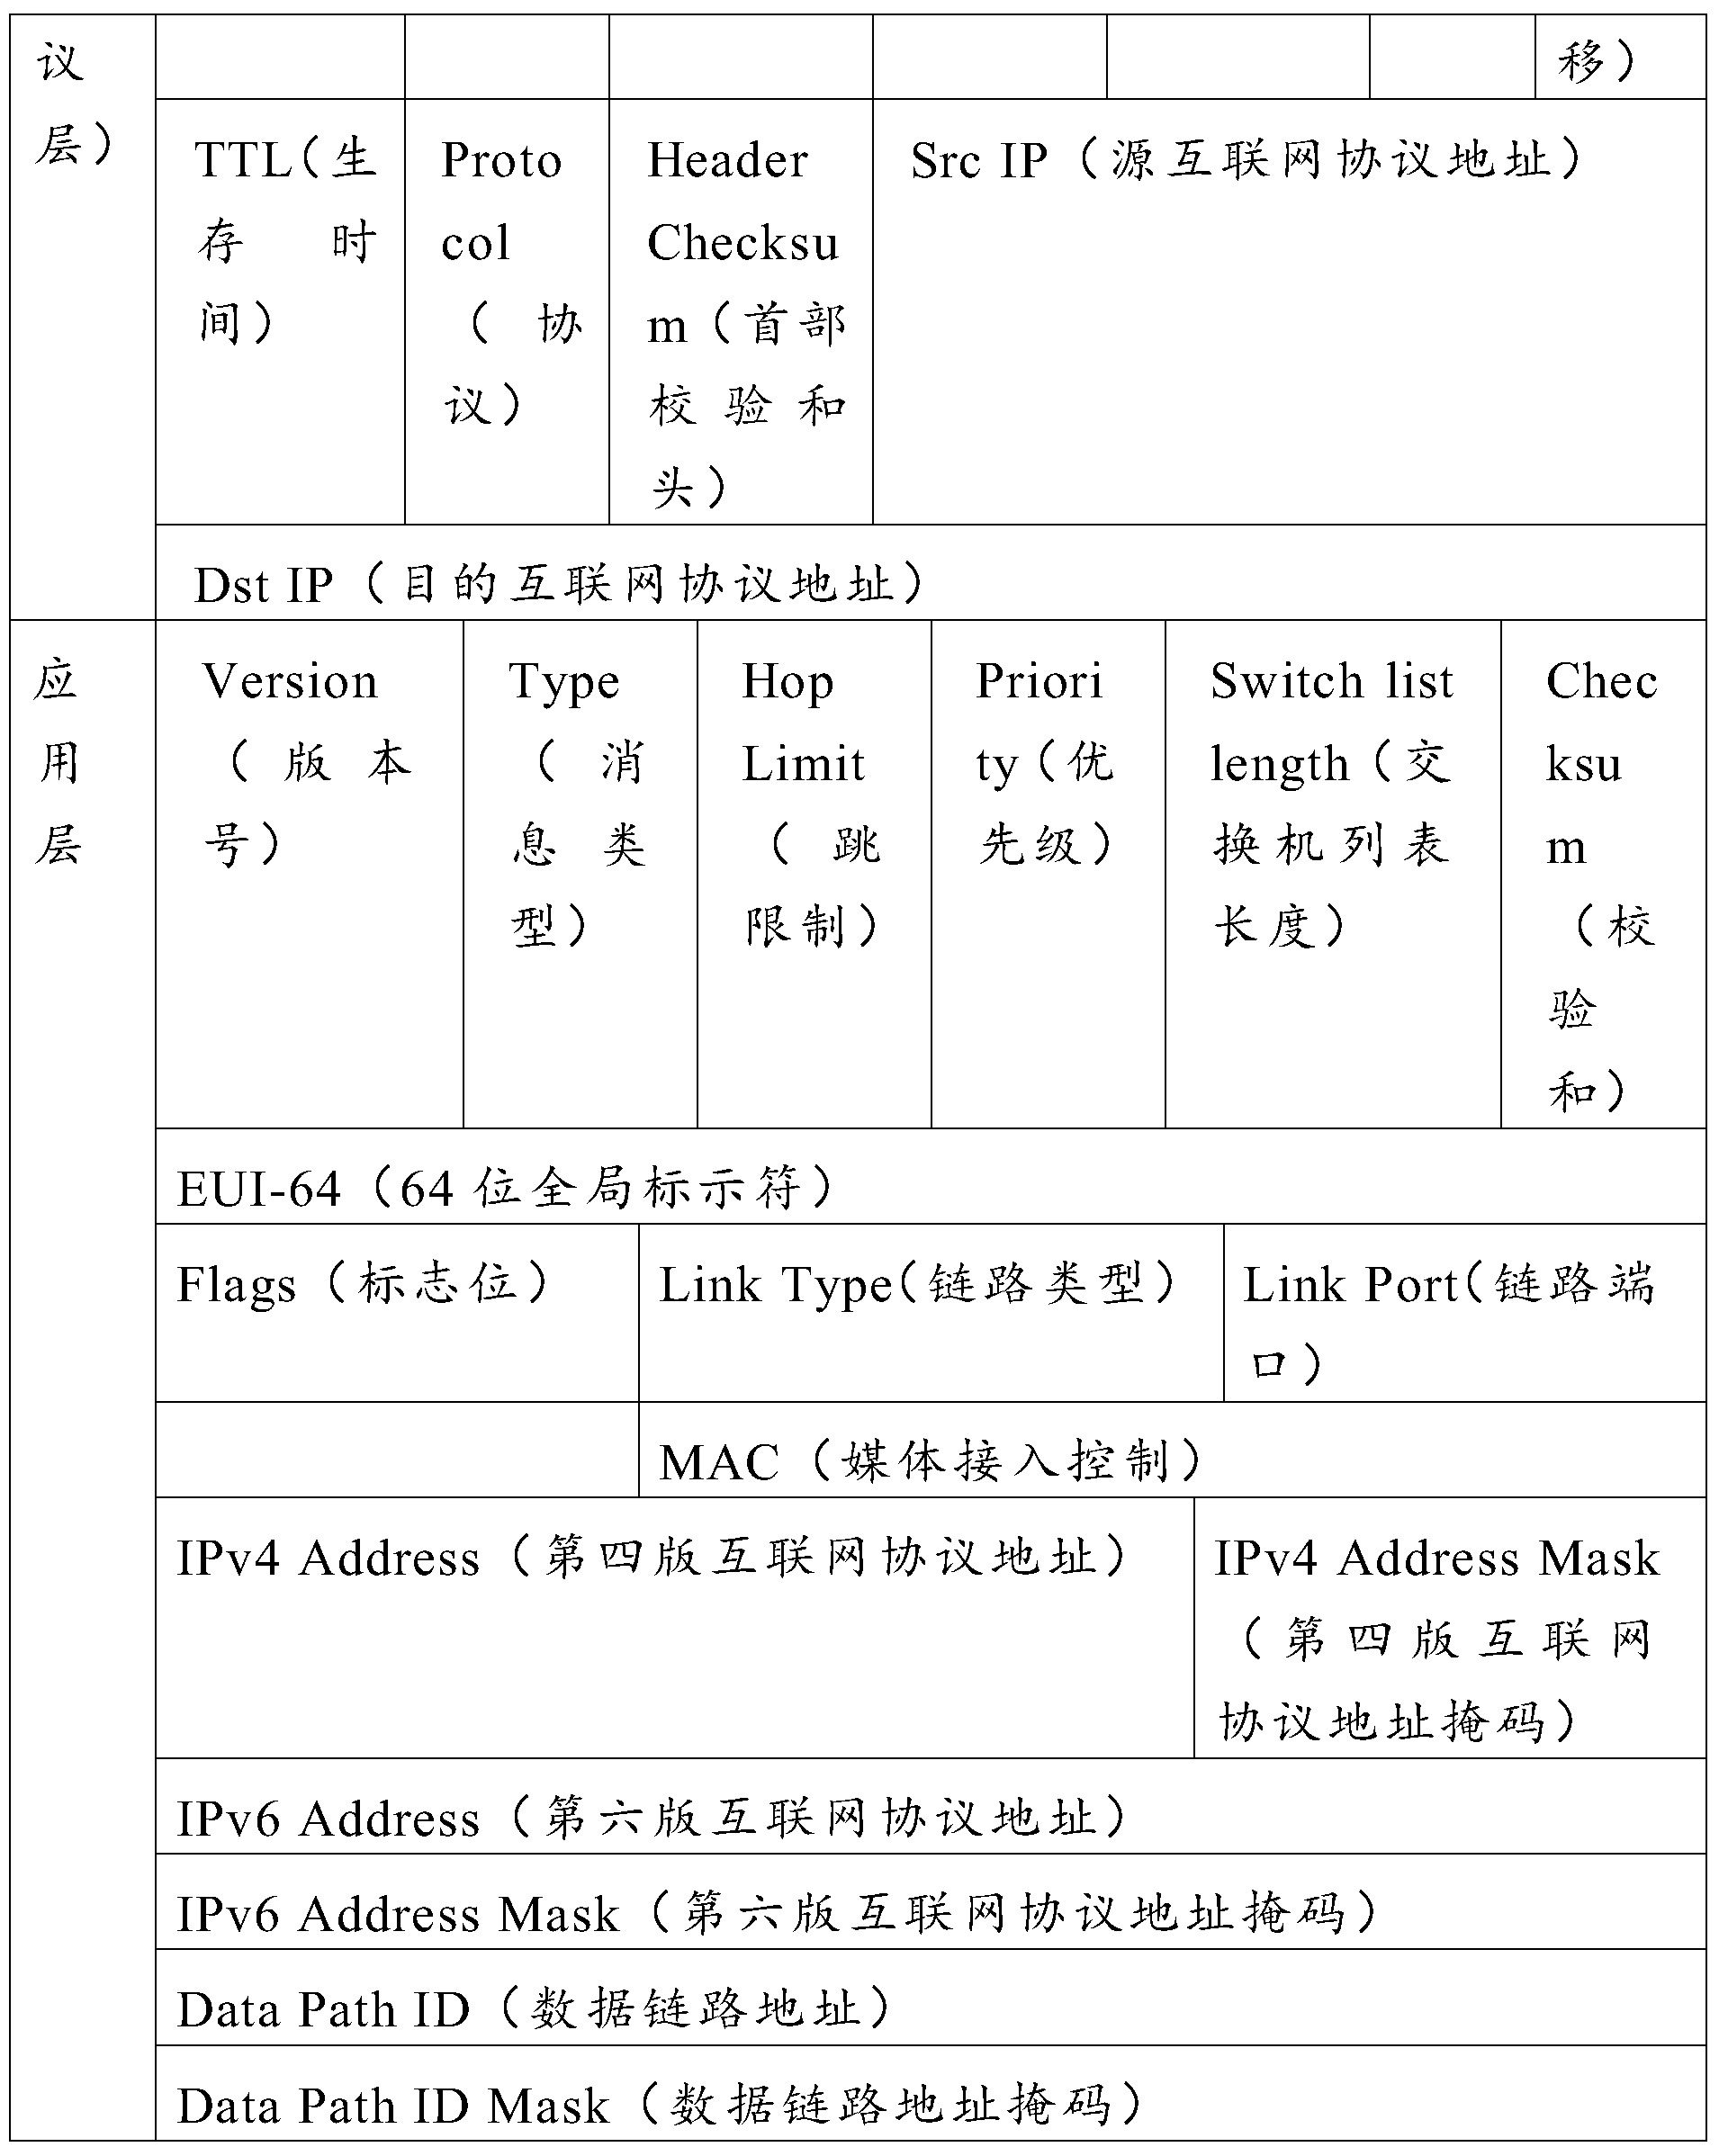 Figure PCTCN2014094694-appb-000002